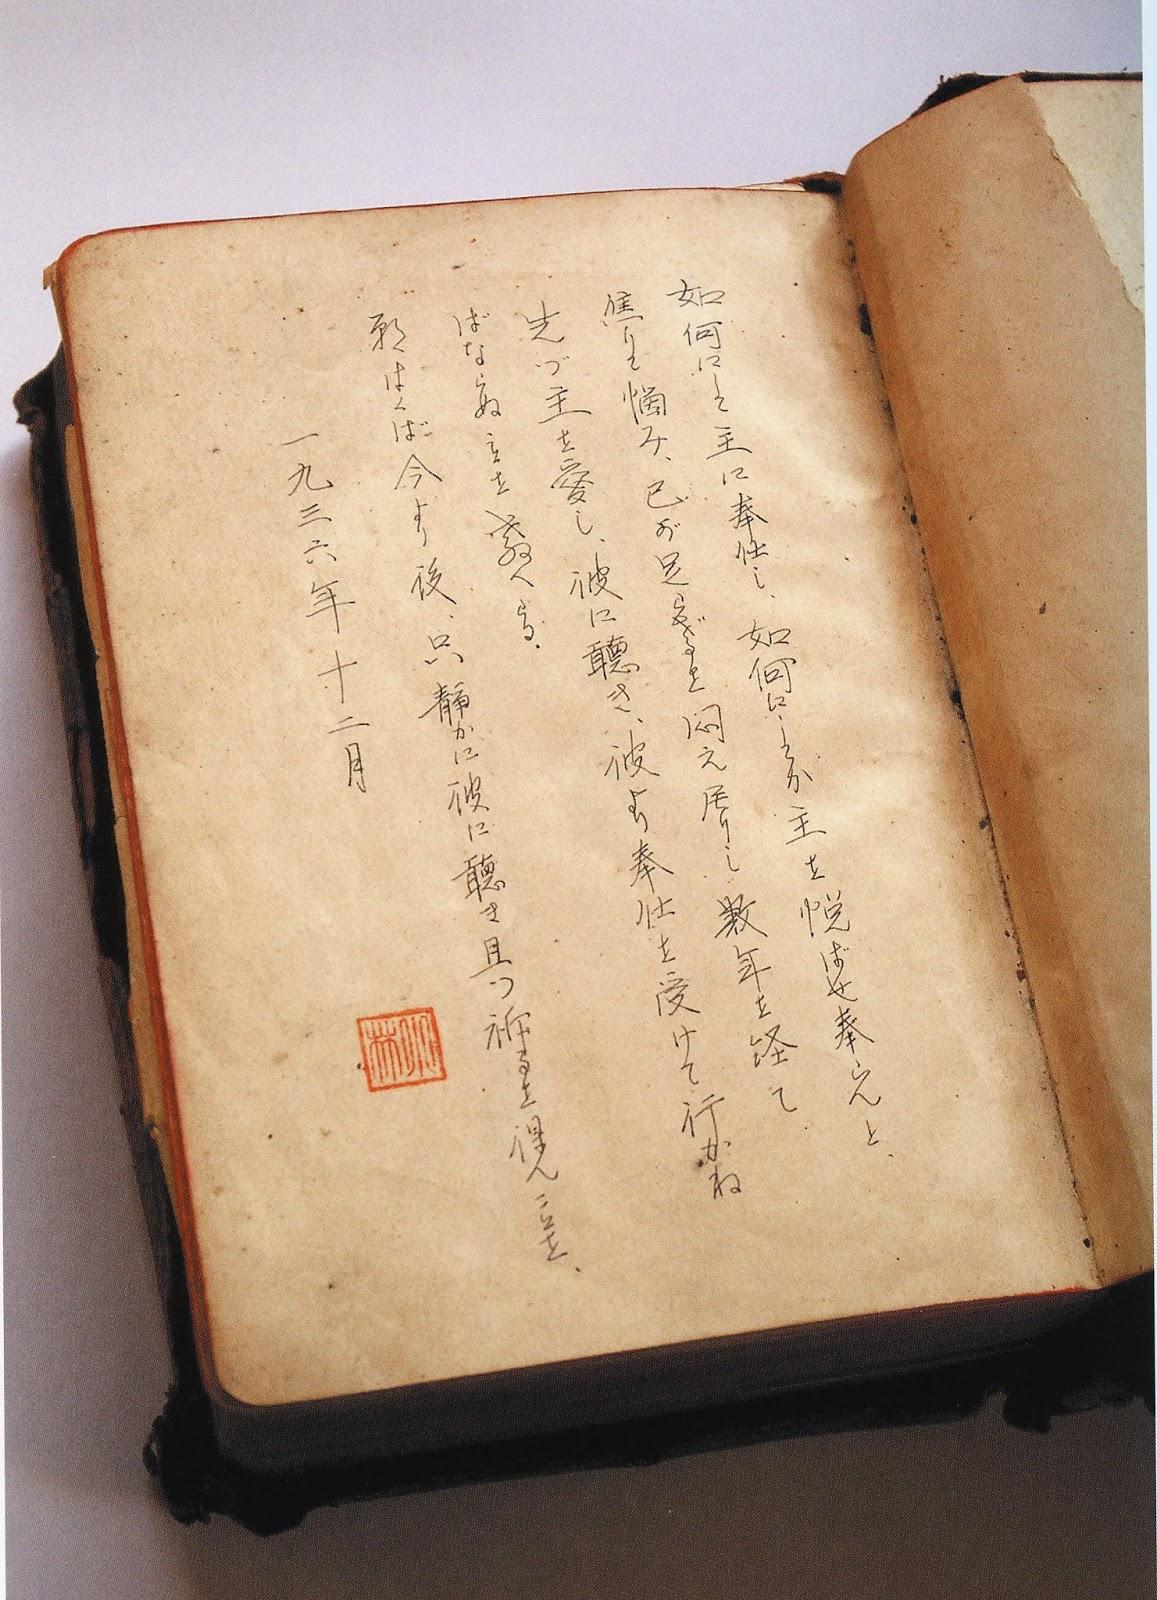 儀八郎氏の聖書の書き込み 小説『恋の蛍(山崎富栄と太宰治)』(松本侑子... 一冊の本